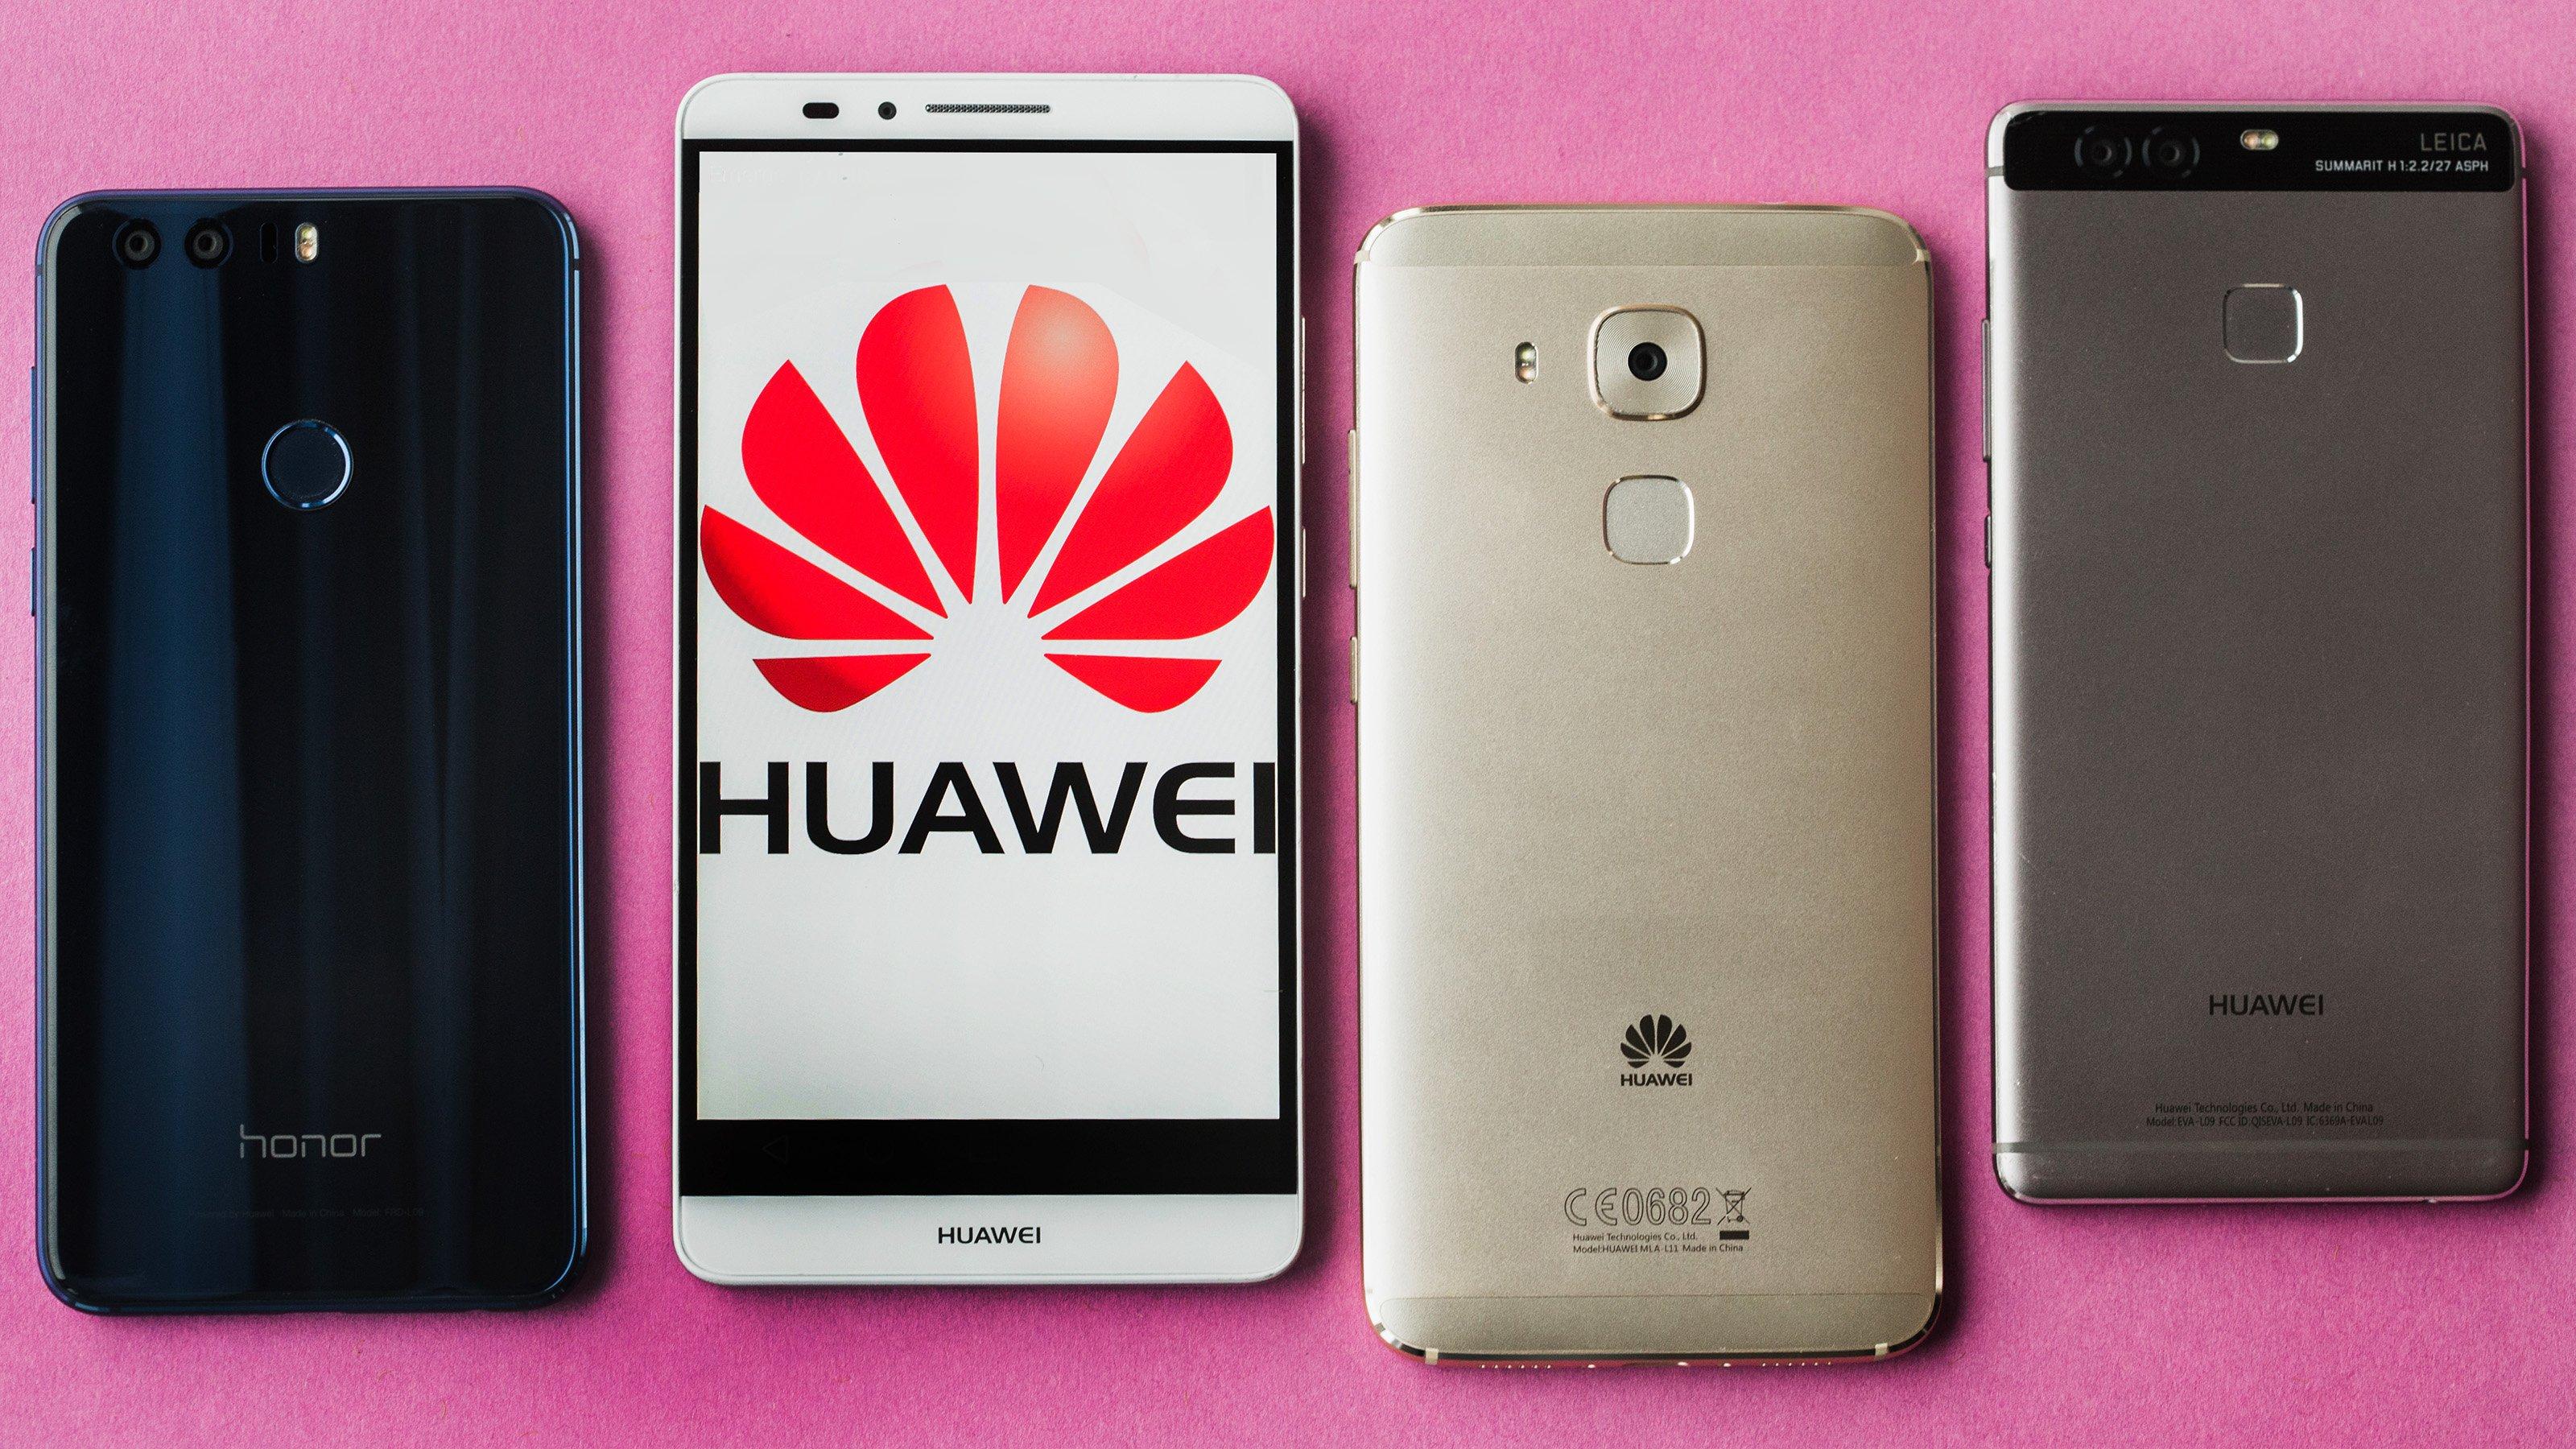 احدث اسعار الموبايلات أفضل 5 هواتف لهواوي في مصر